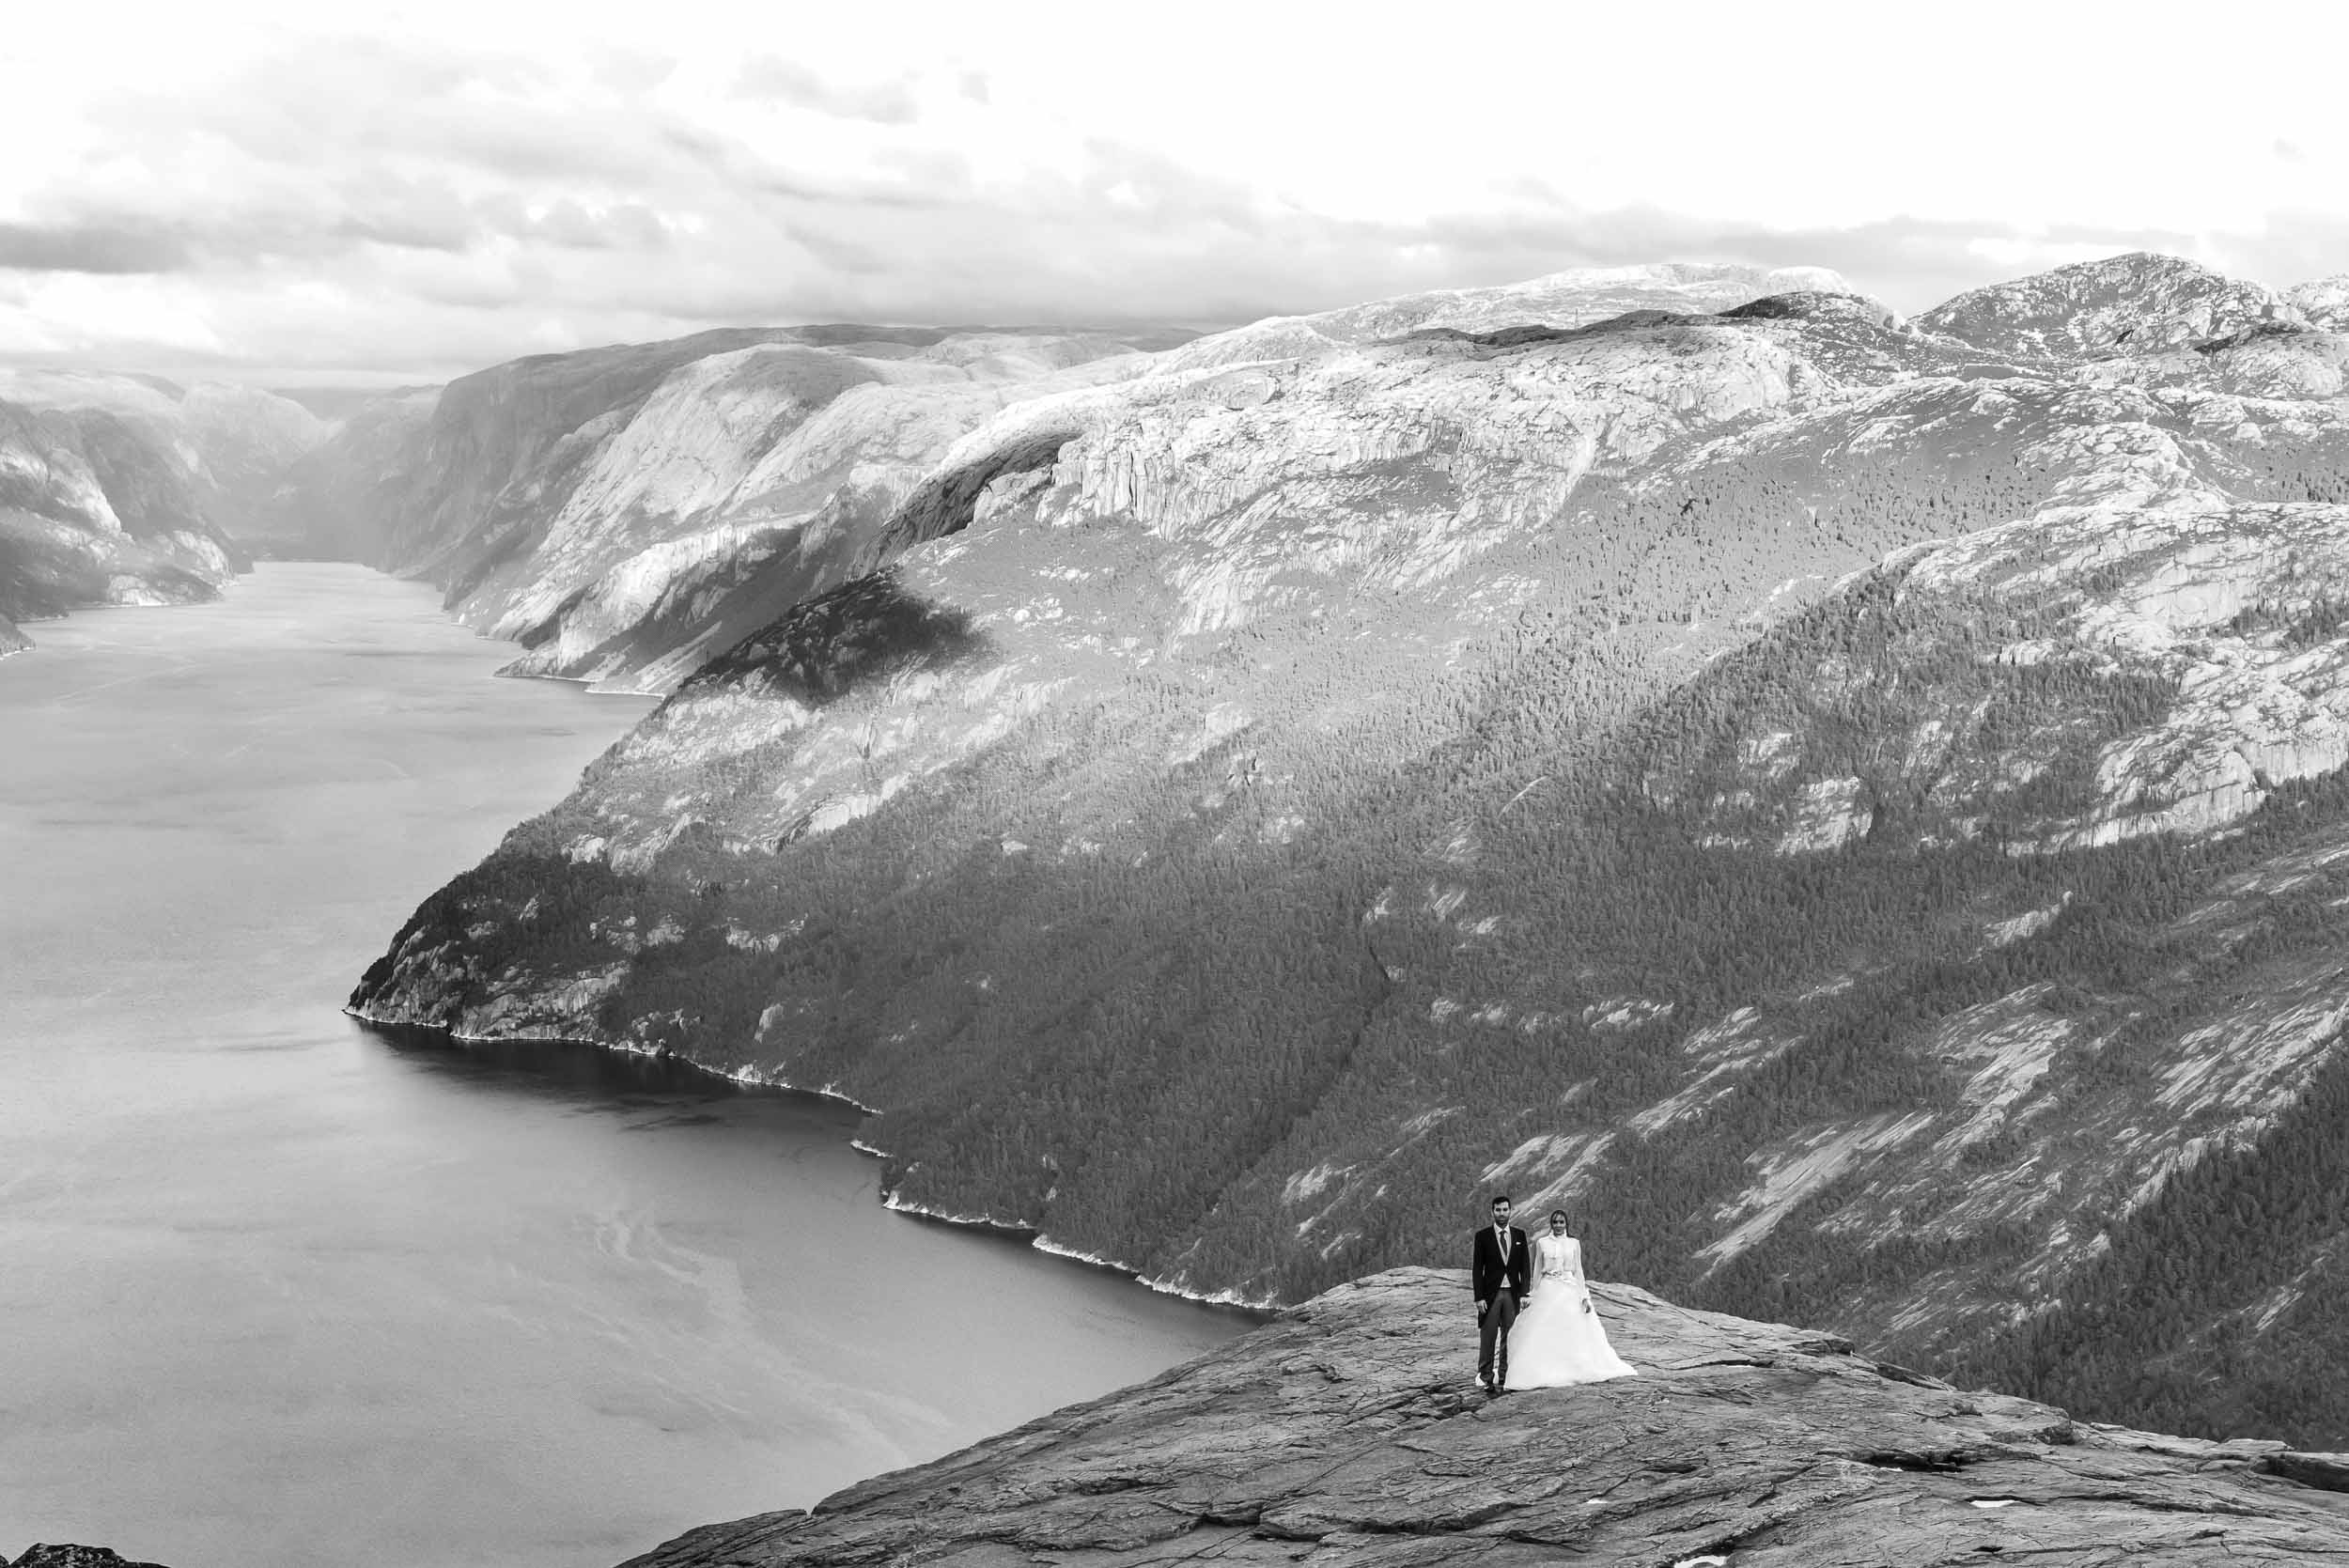 Antonio & Cati Post boda en Noruega. 2017 4